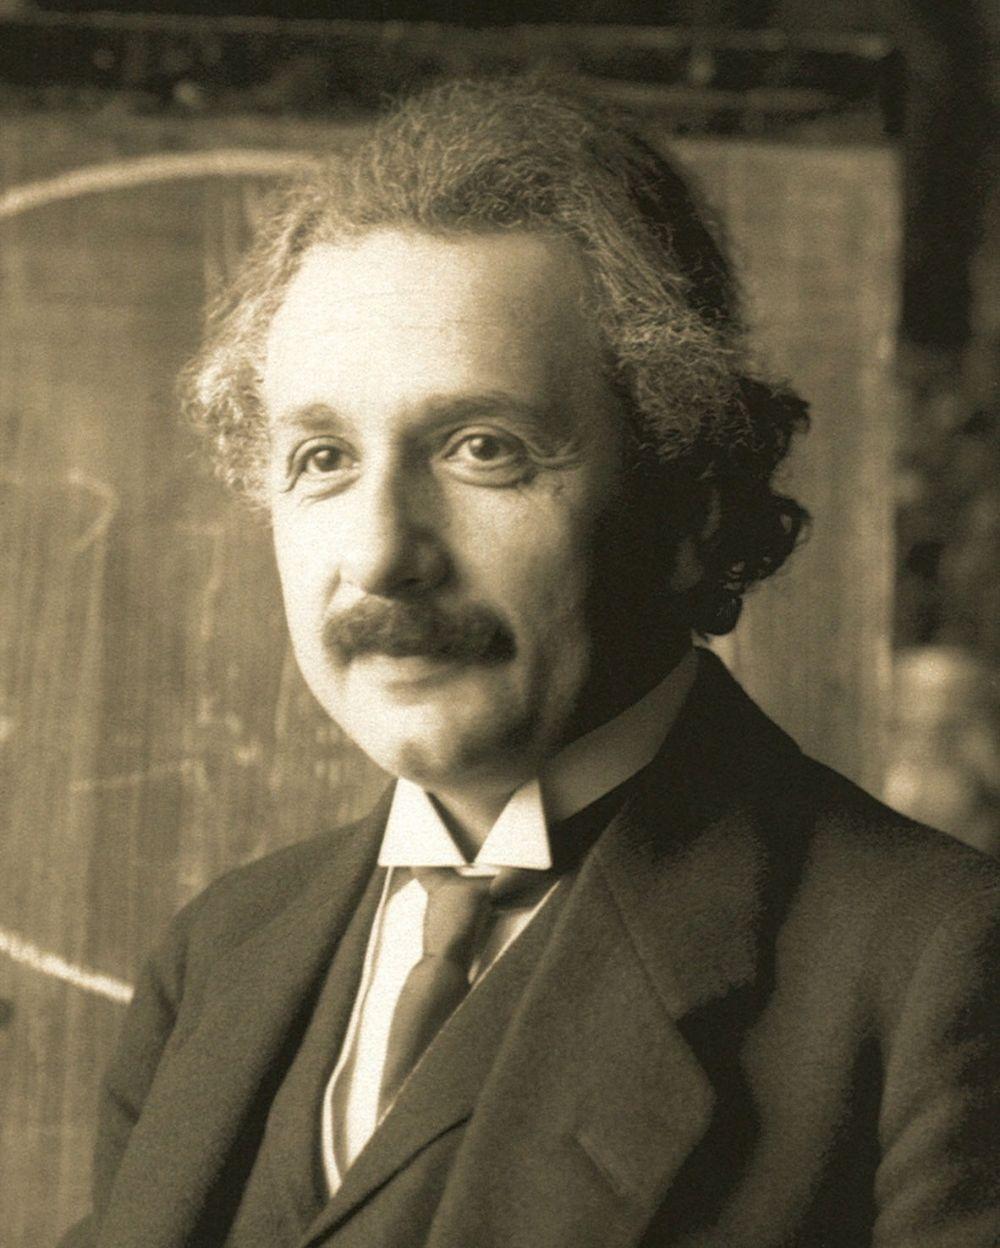 В 10-20-х годах XX века Альберт Эйнштейн благодаря специальной и общей теориям относительности стал самым популярным учёным своего времени. Он много путешествовал по Европе, читал лекции для учёных, студентов и любой другой любознательной публики.